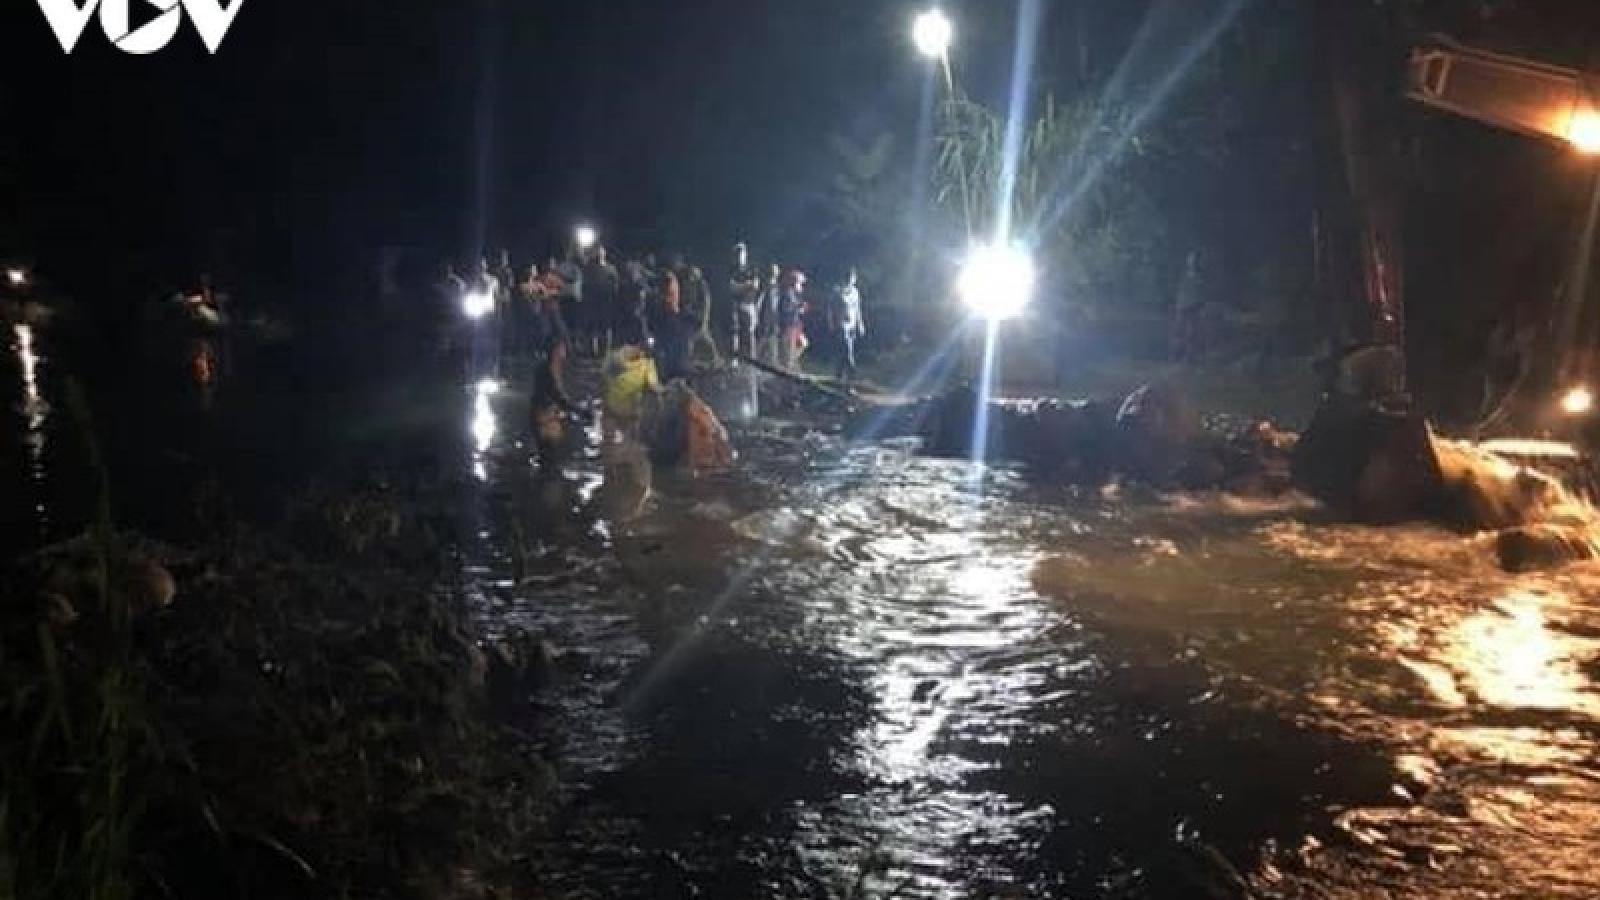 Bé trai 9 tuổi cùng bố từ miền Trung ra Lào Cai chơi, bị đuối nước thương tâm